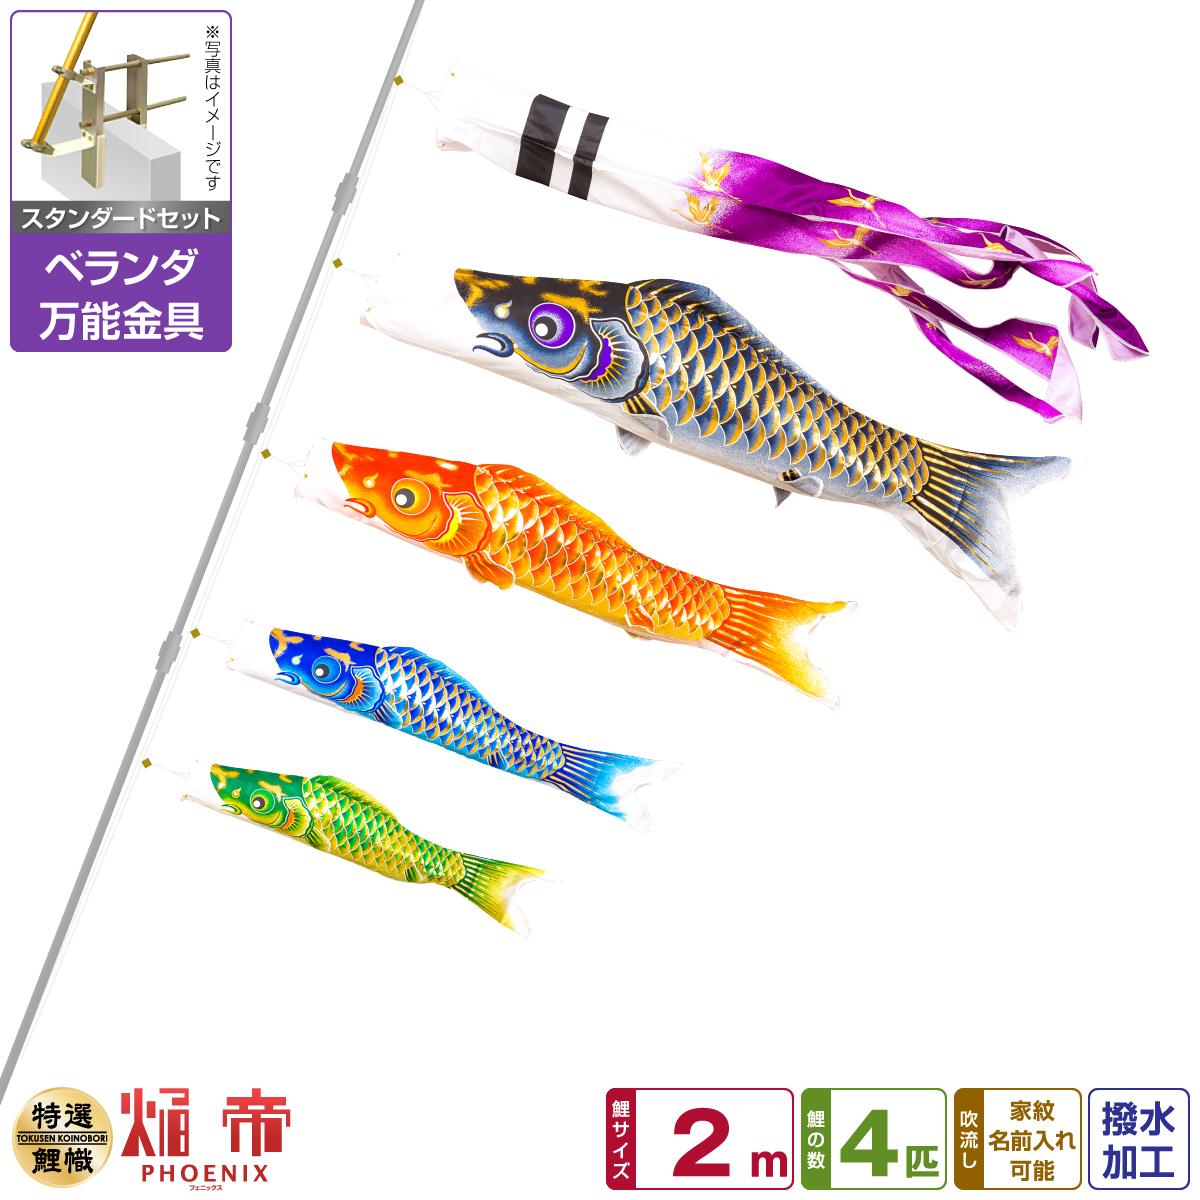 ベランダ用 こいのぼり 鯉のぼり 焔帝鯉フェニックス 2m 7点(吹流し+鯉4匹+矢車+ロープ)/スタンダードセット(万能取付金具)